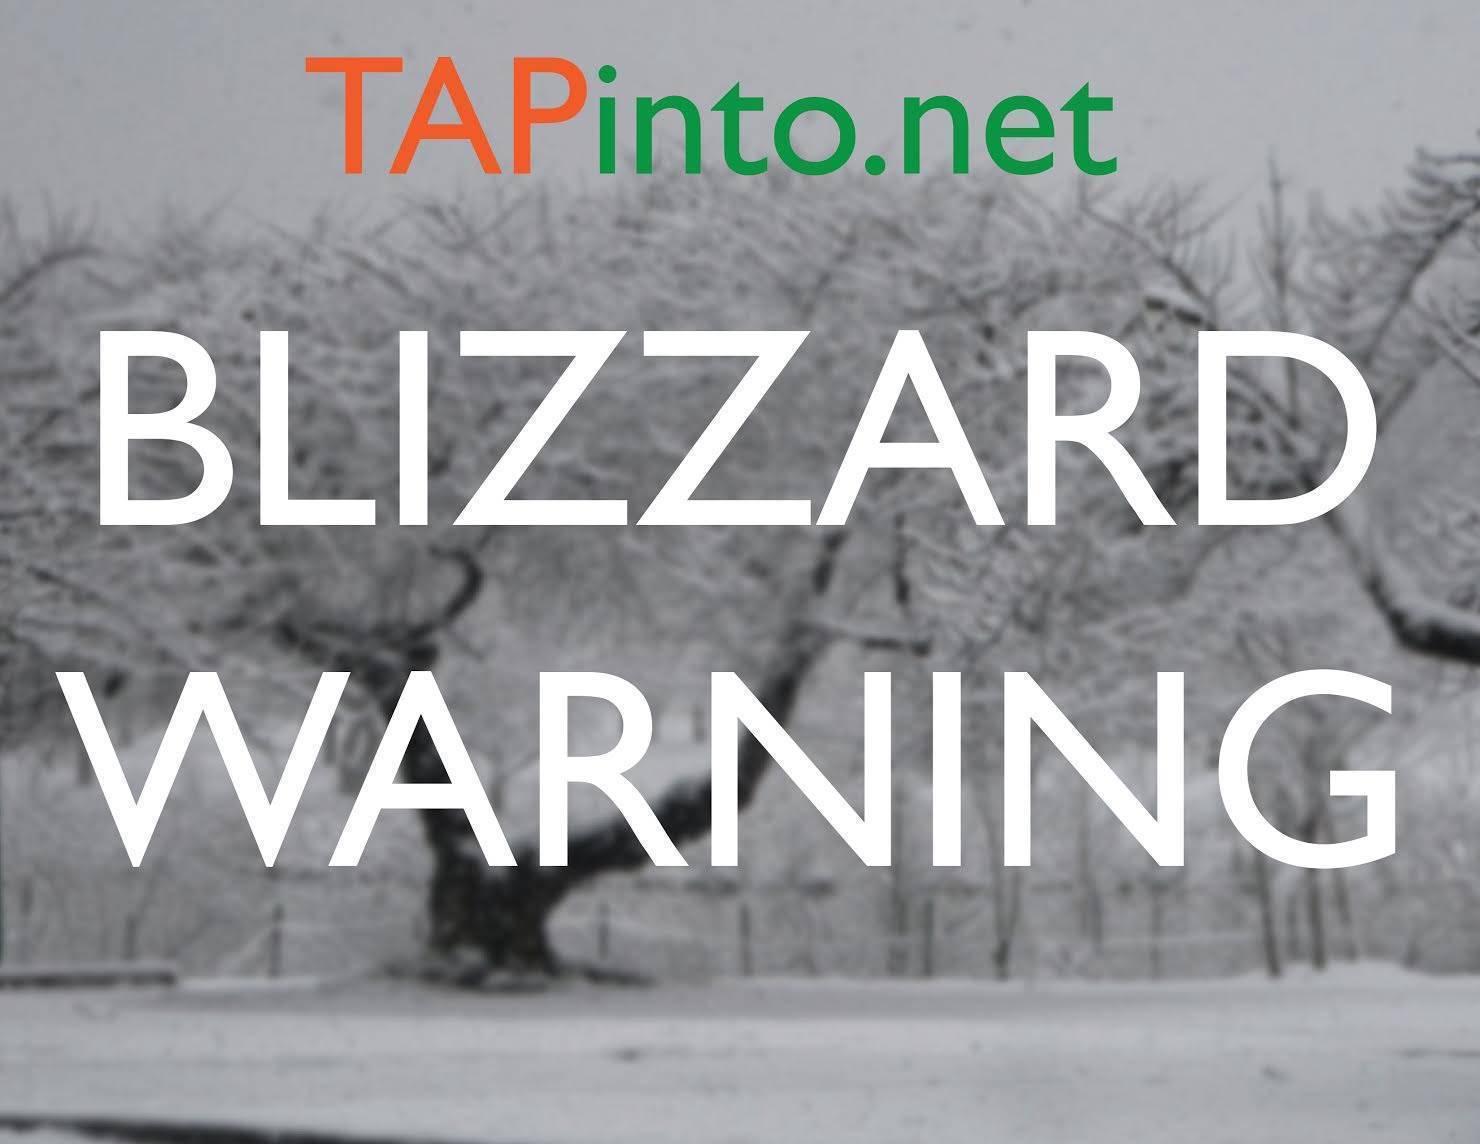 bc2098cd63308c6ac507_9c6bd4f91bceb78c9276_blizzard_warning.jpg